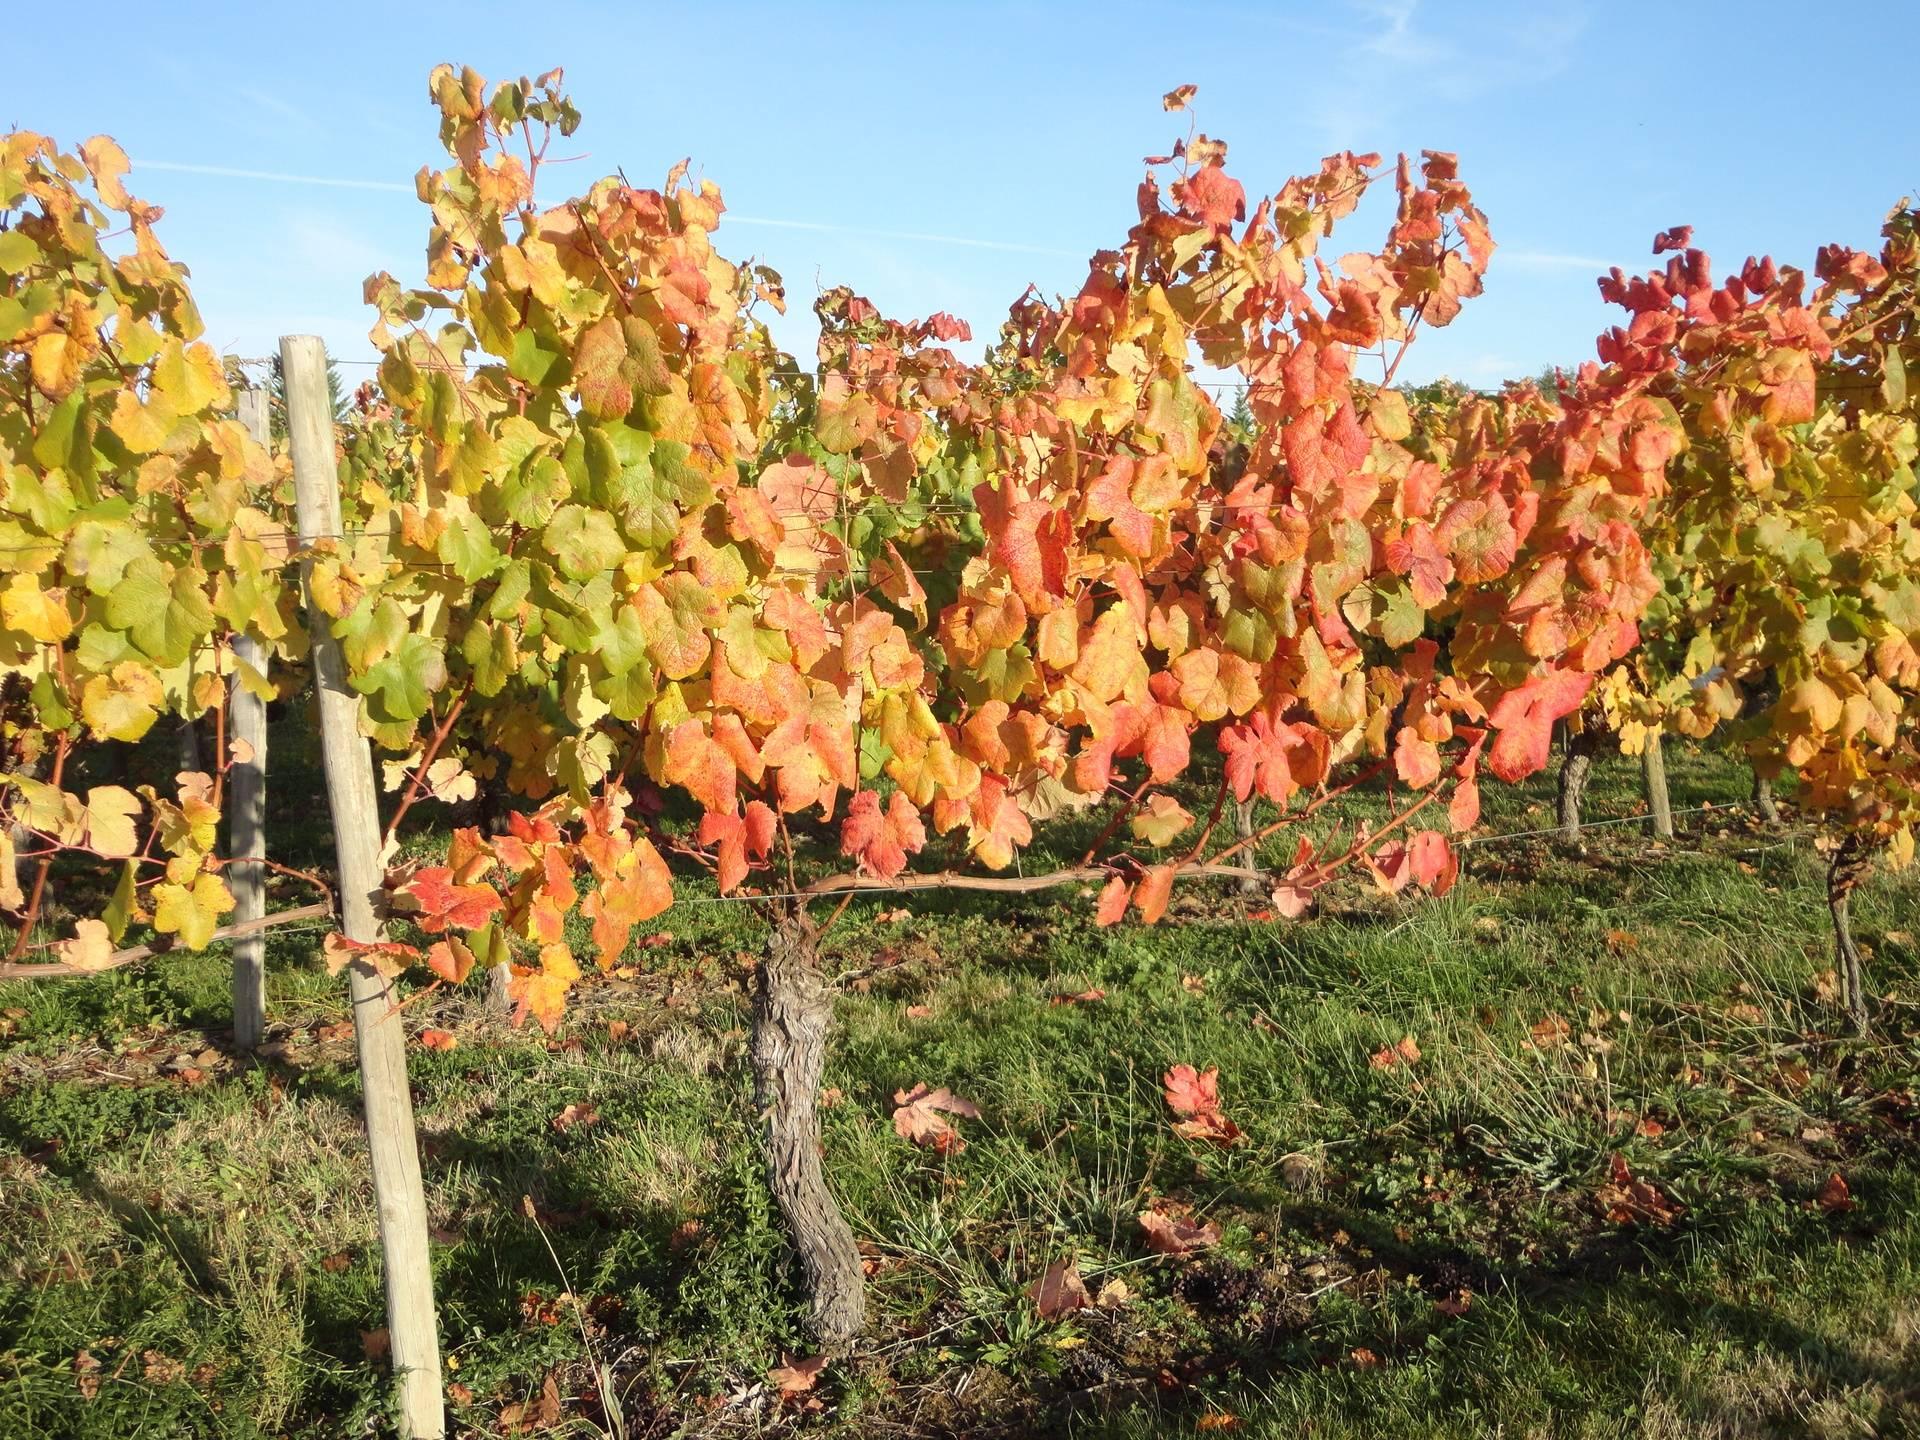 les vignobles sont magnifique en automne